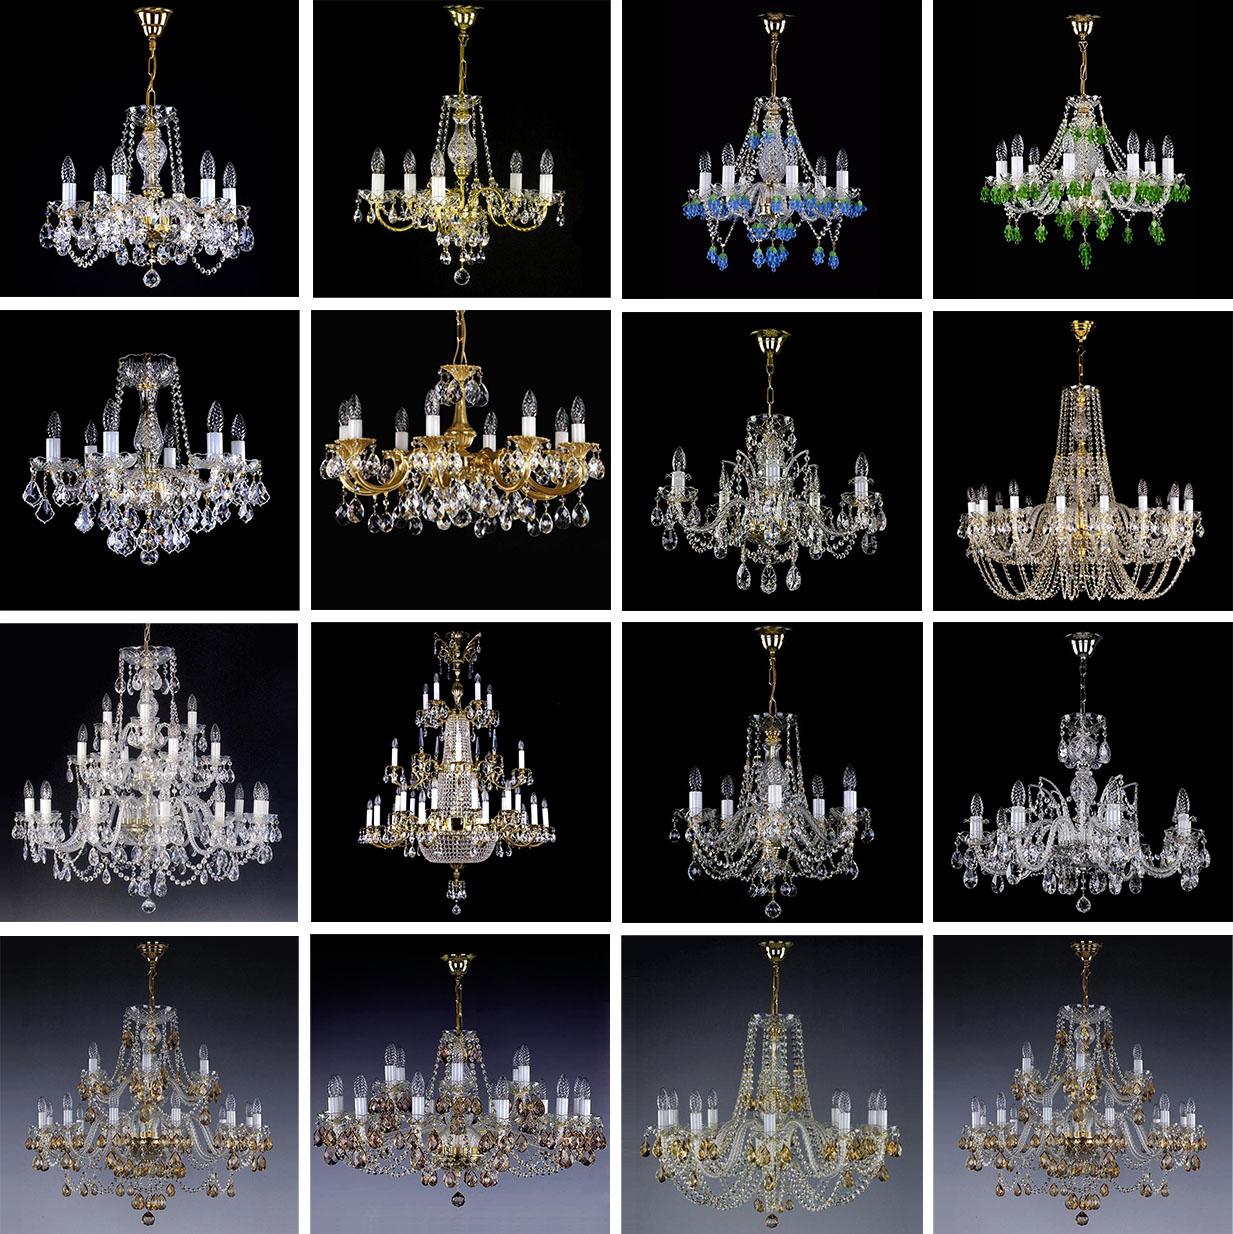 Những mẫu đèn trang trí nội thất lung linh cho nhà đẹp